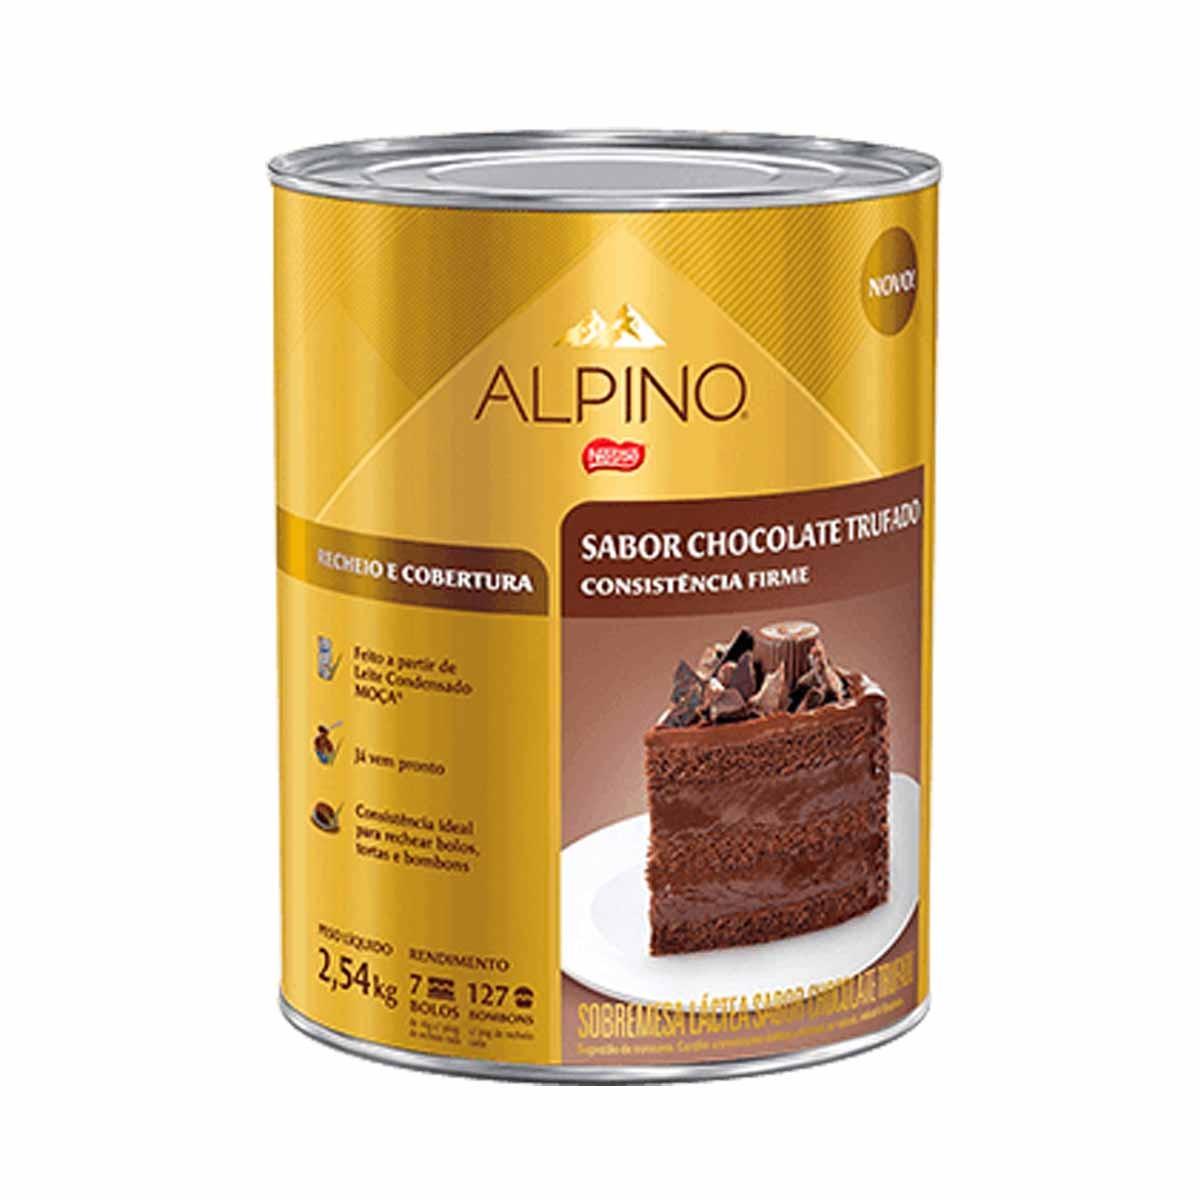 RECHEIO DE CHOCOLATE TRUFADO ALPINO 2,54KG NESTLÉ